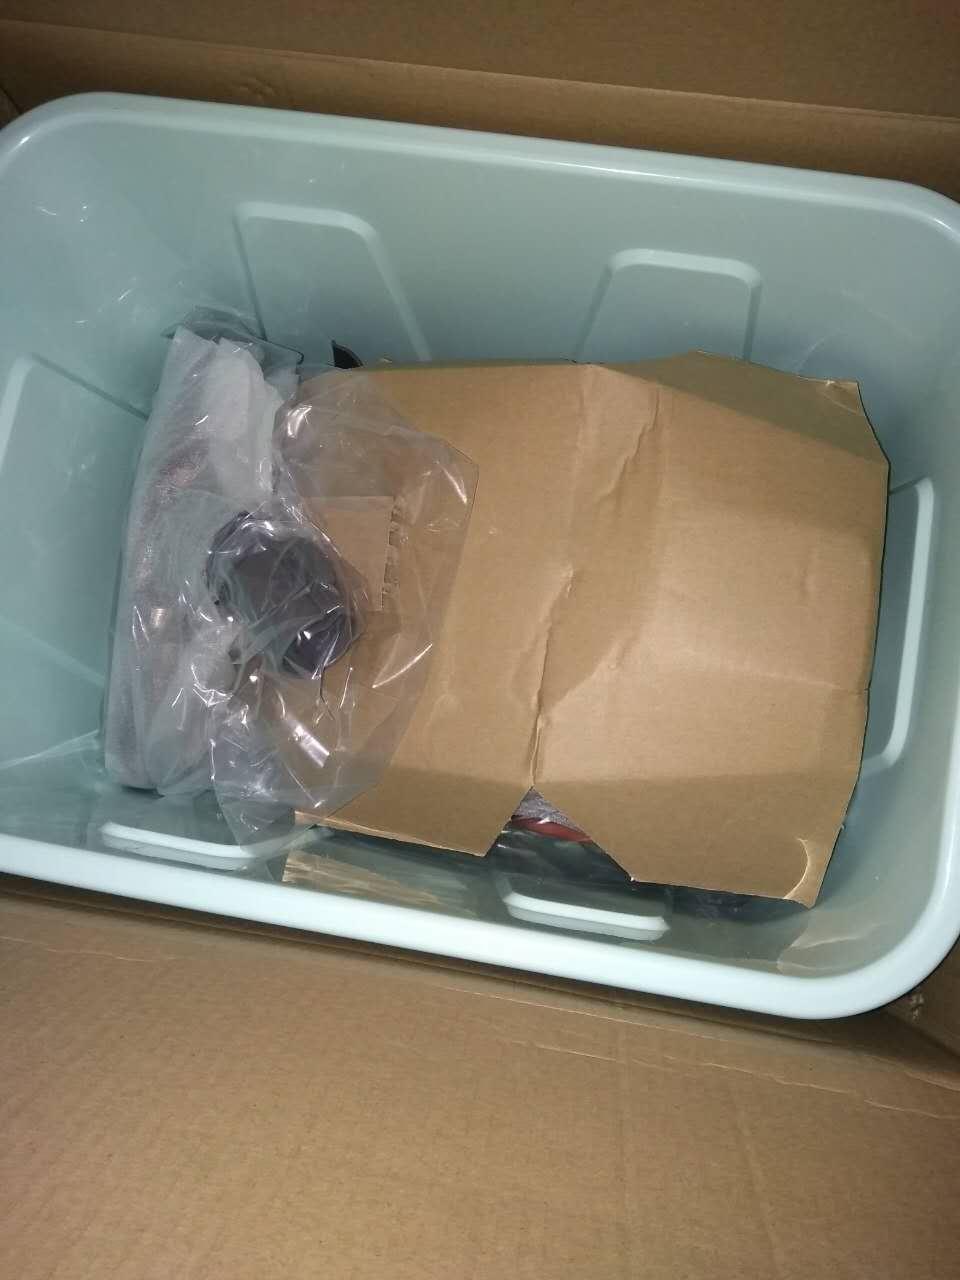 forsale.org legit 00927754 outletonlineshop